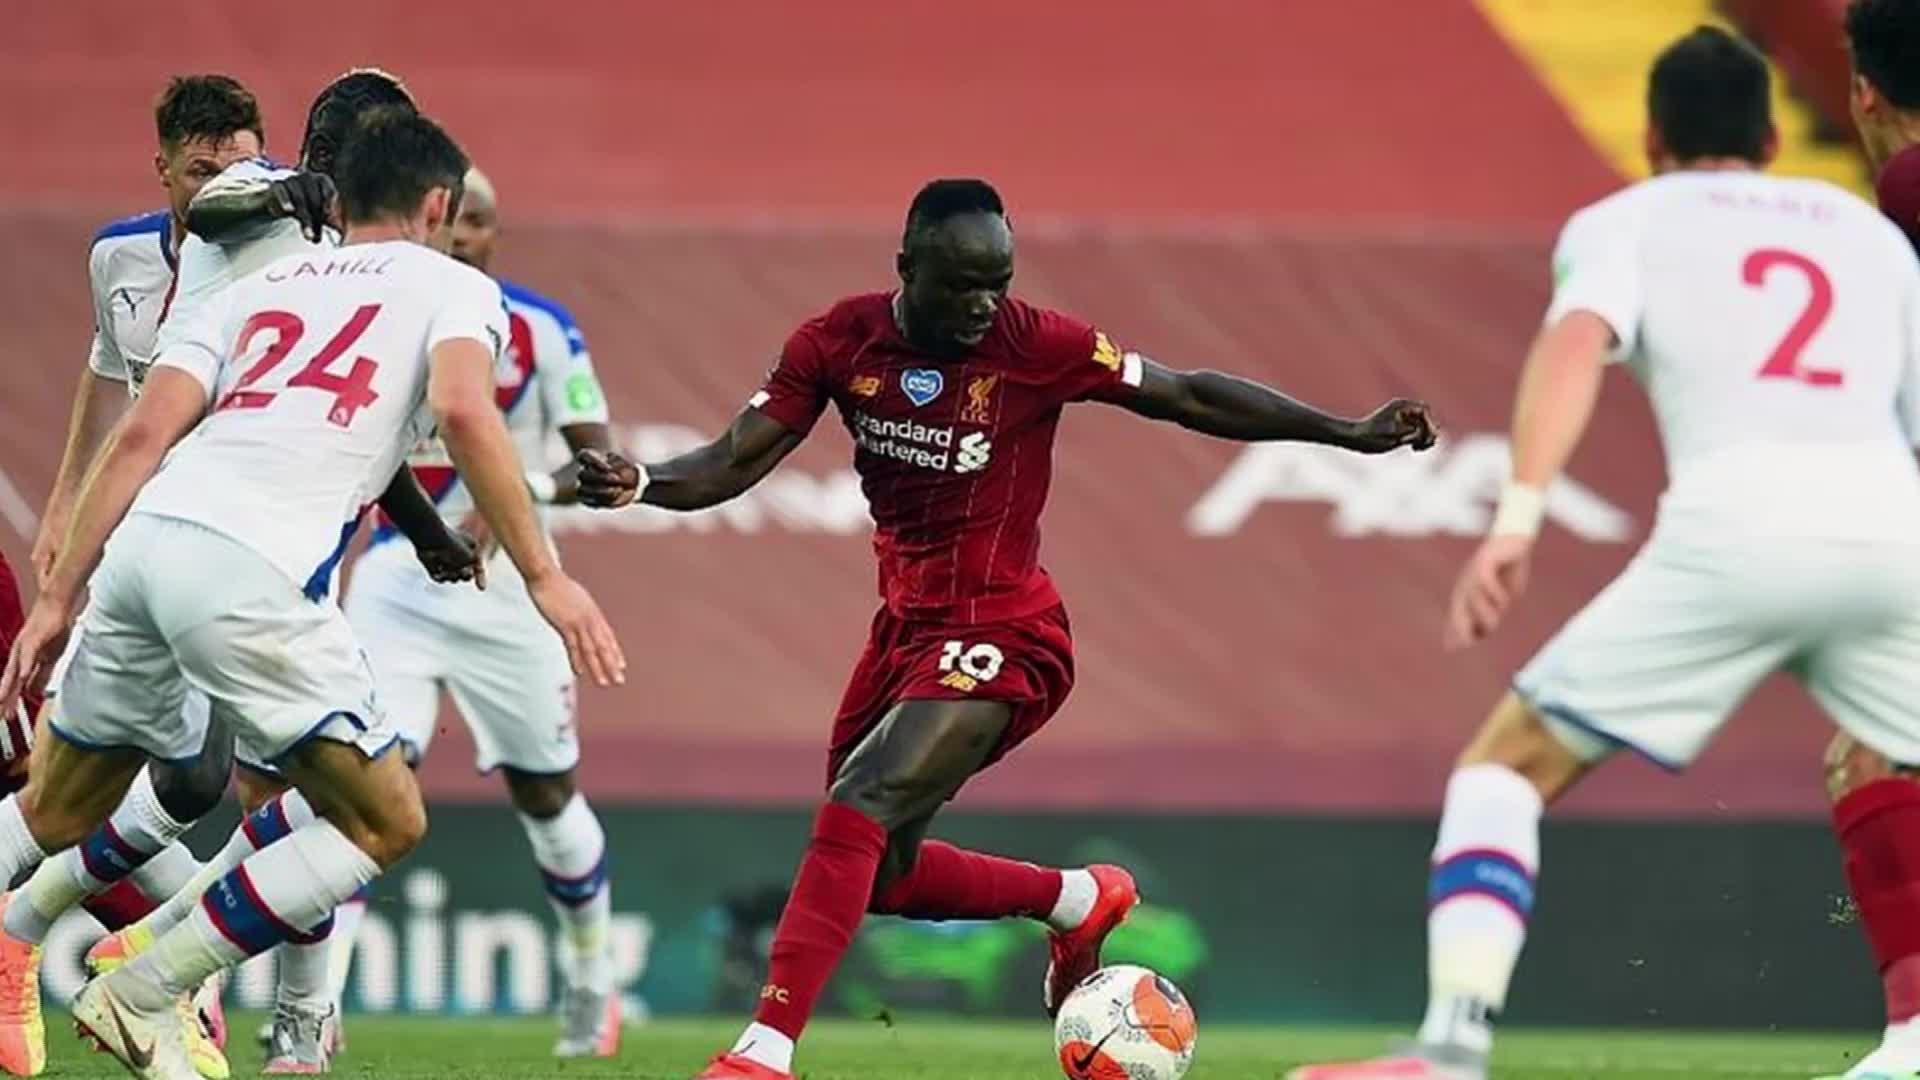 利好!非洲杯推迟到2022年 利物浦非籍球员可安心比赛卫冕有望